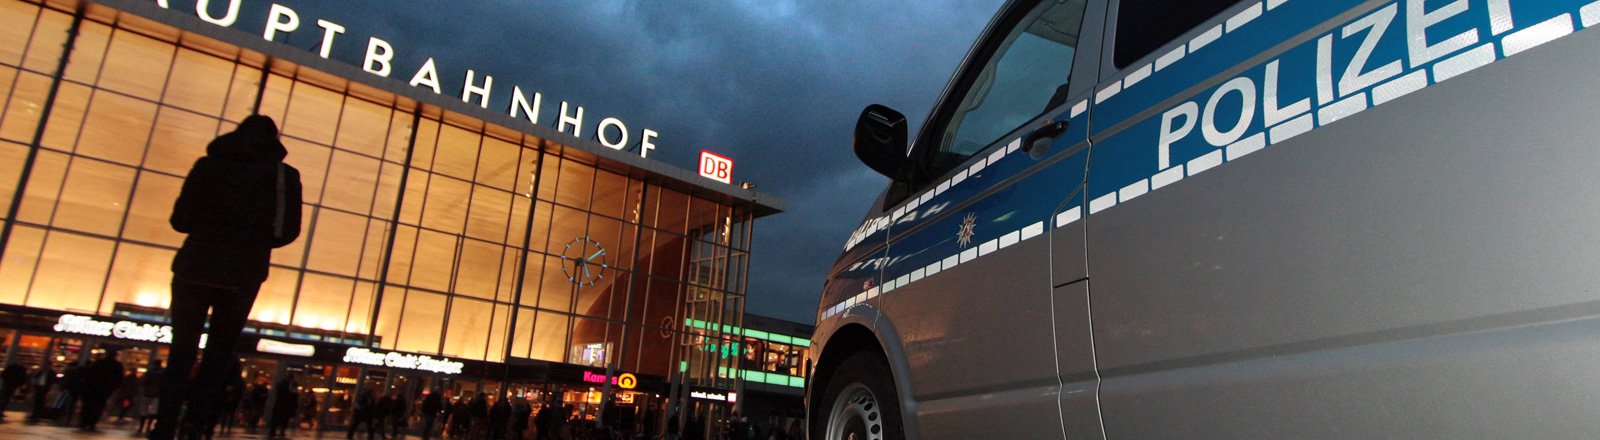 Auf dem Platz vor dem Kölner Bahnhof parkt ein Polizeiauto.